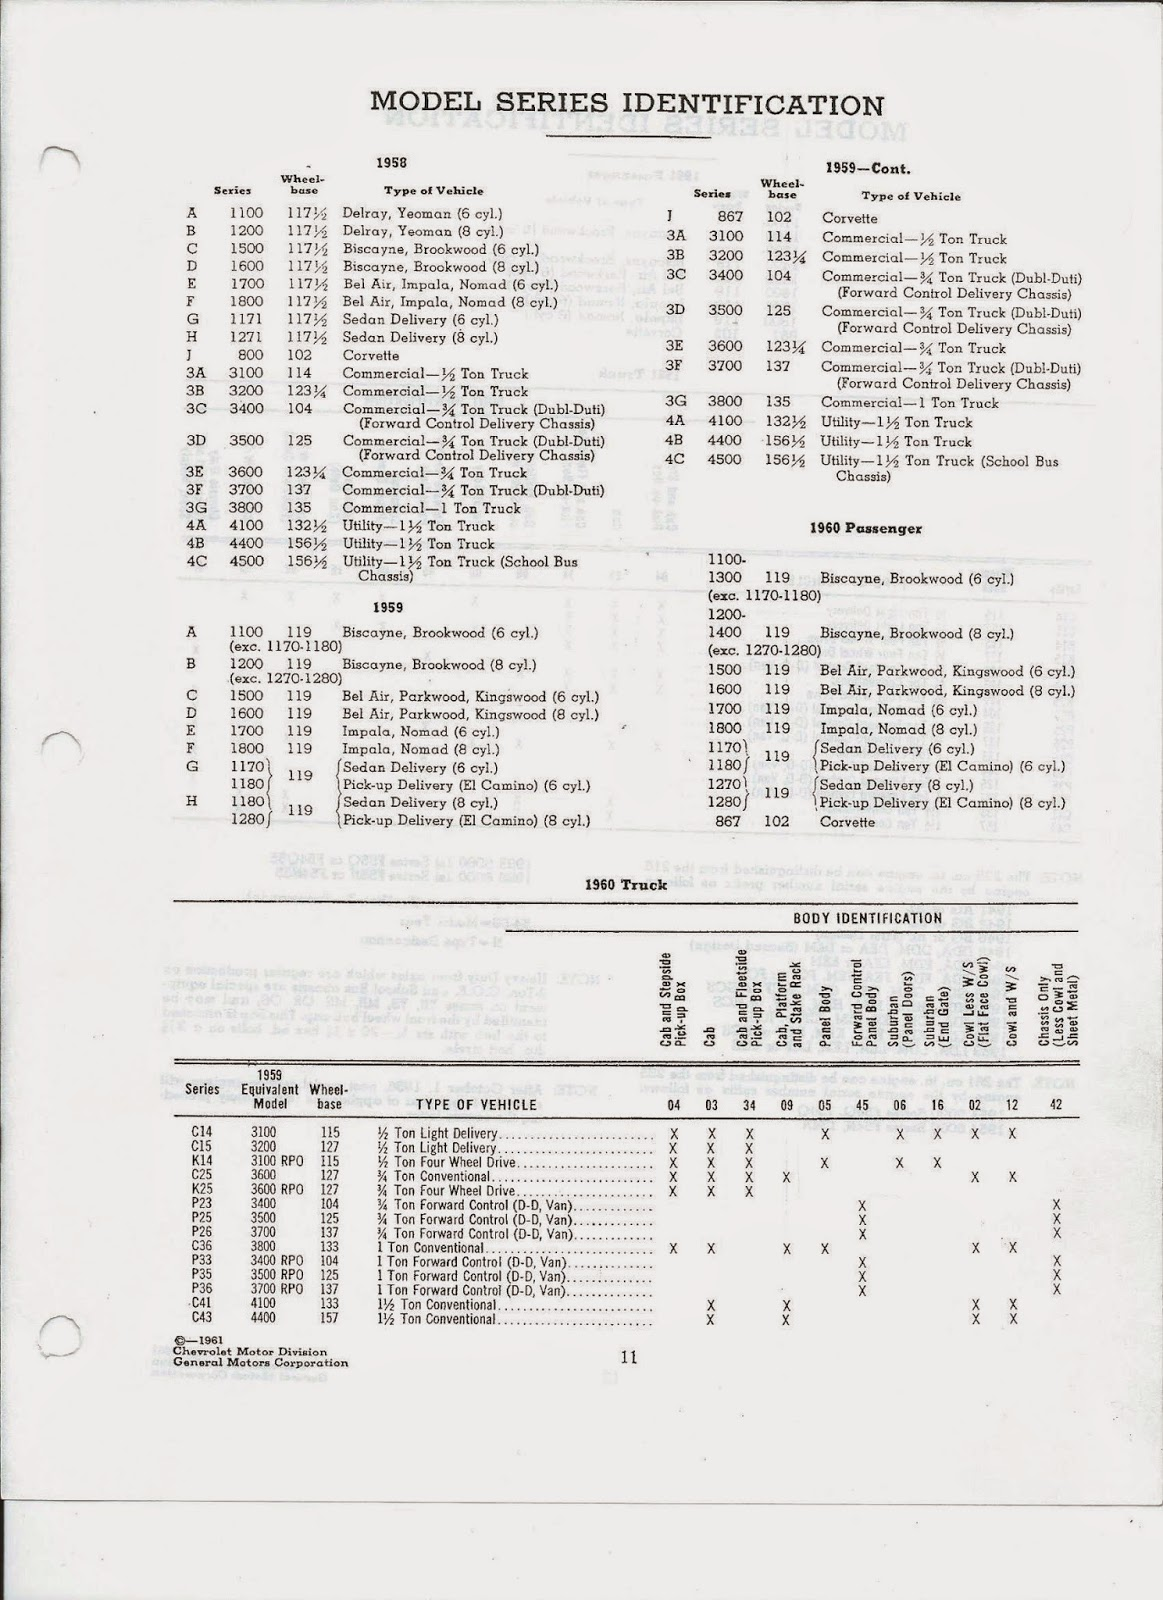 Chev 235 Guy 56 Engine Codes